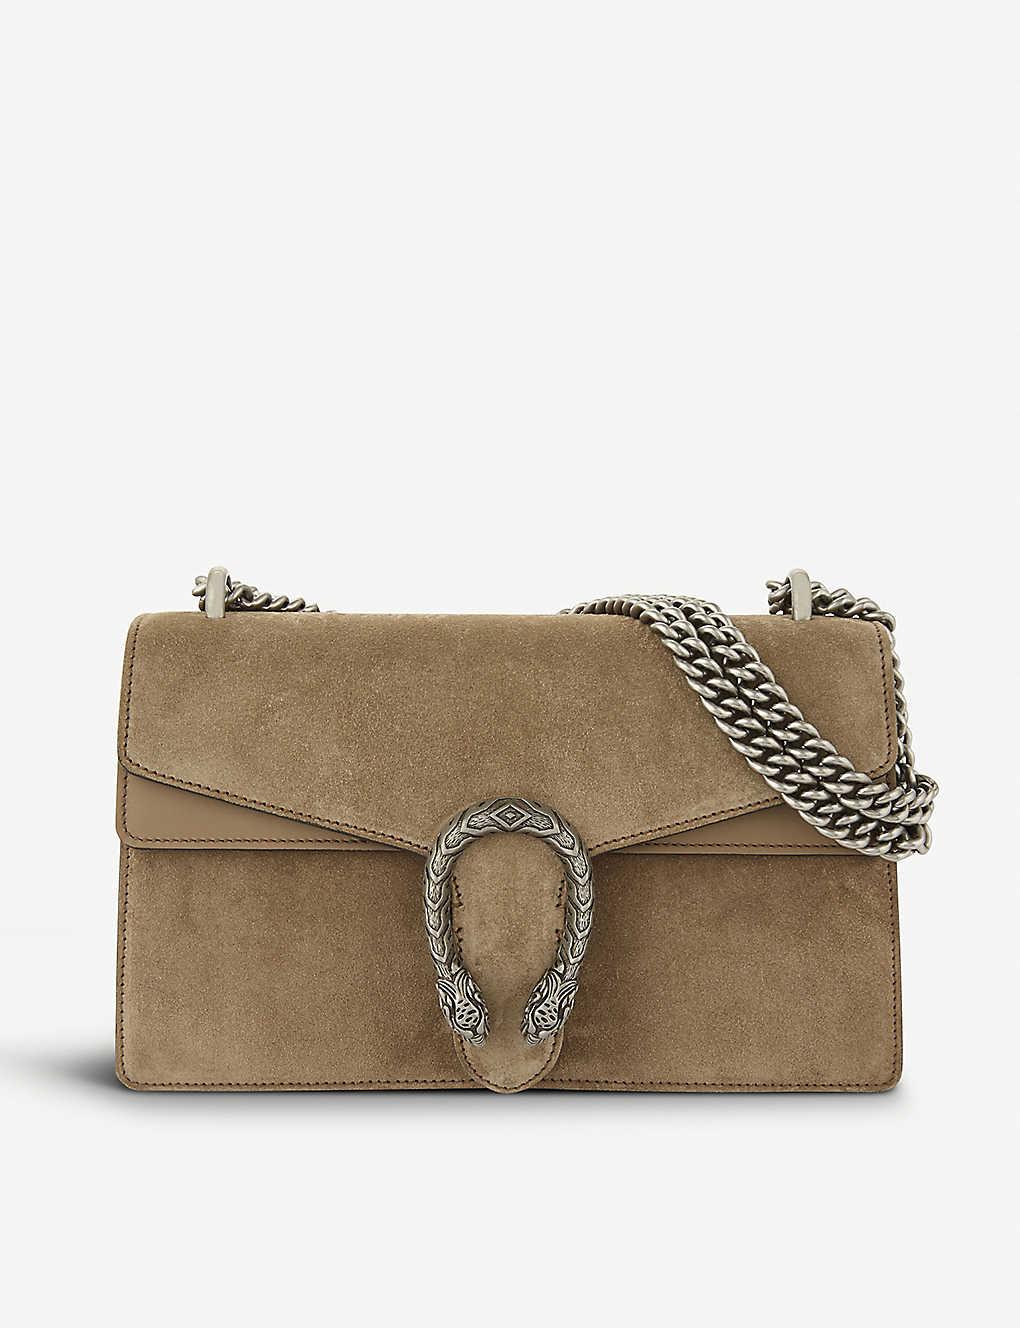 4d59d477a8d9 GUCCI - Dionysus small suede shoulder bag